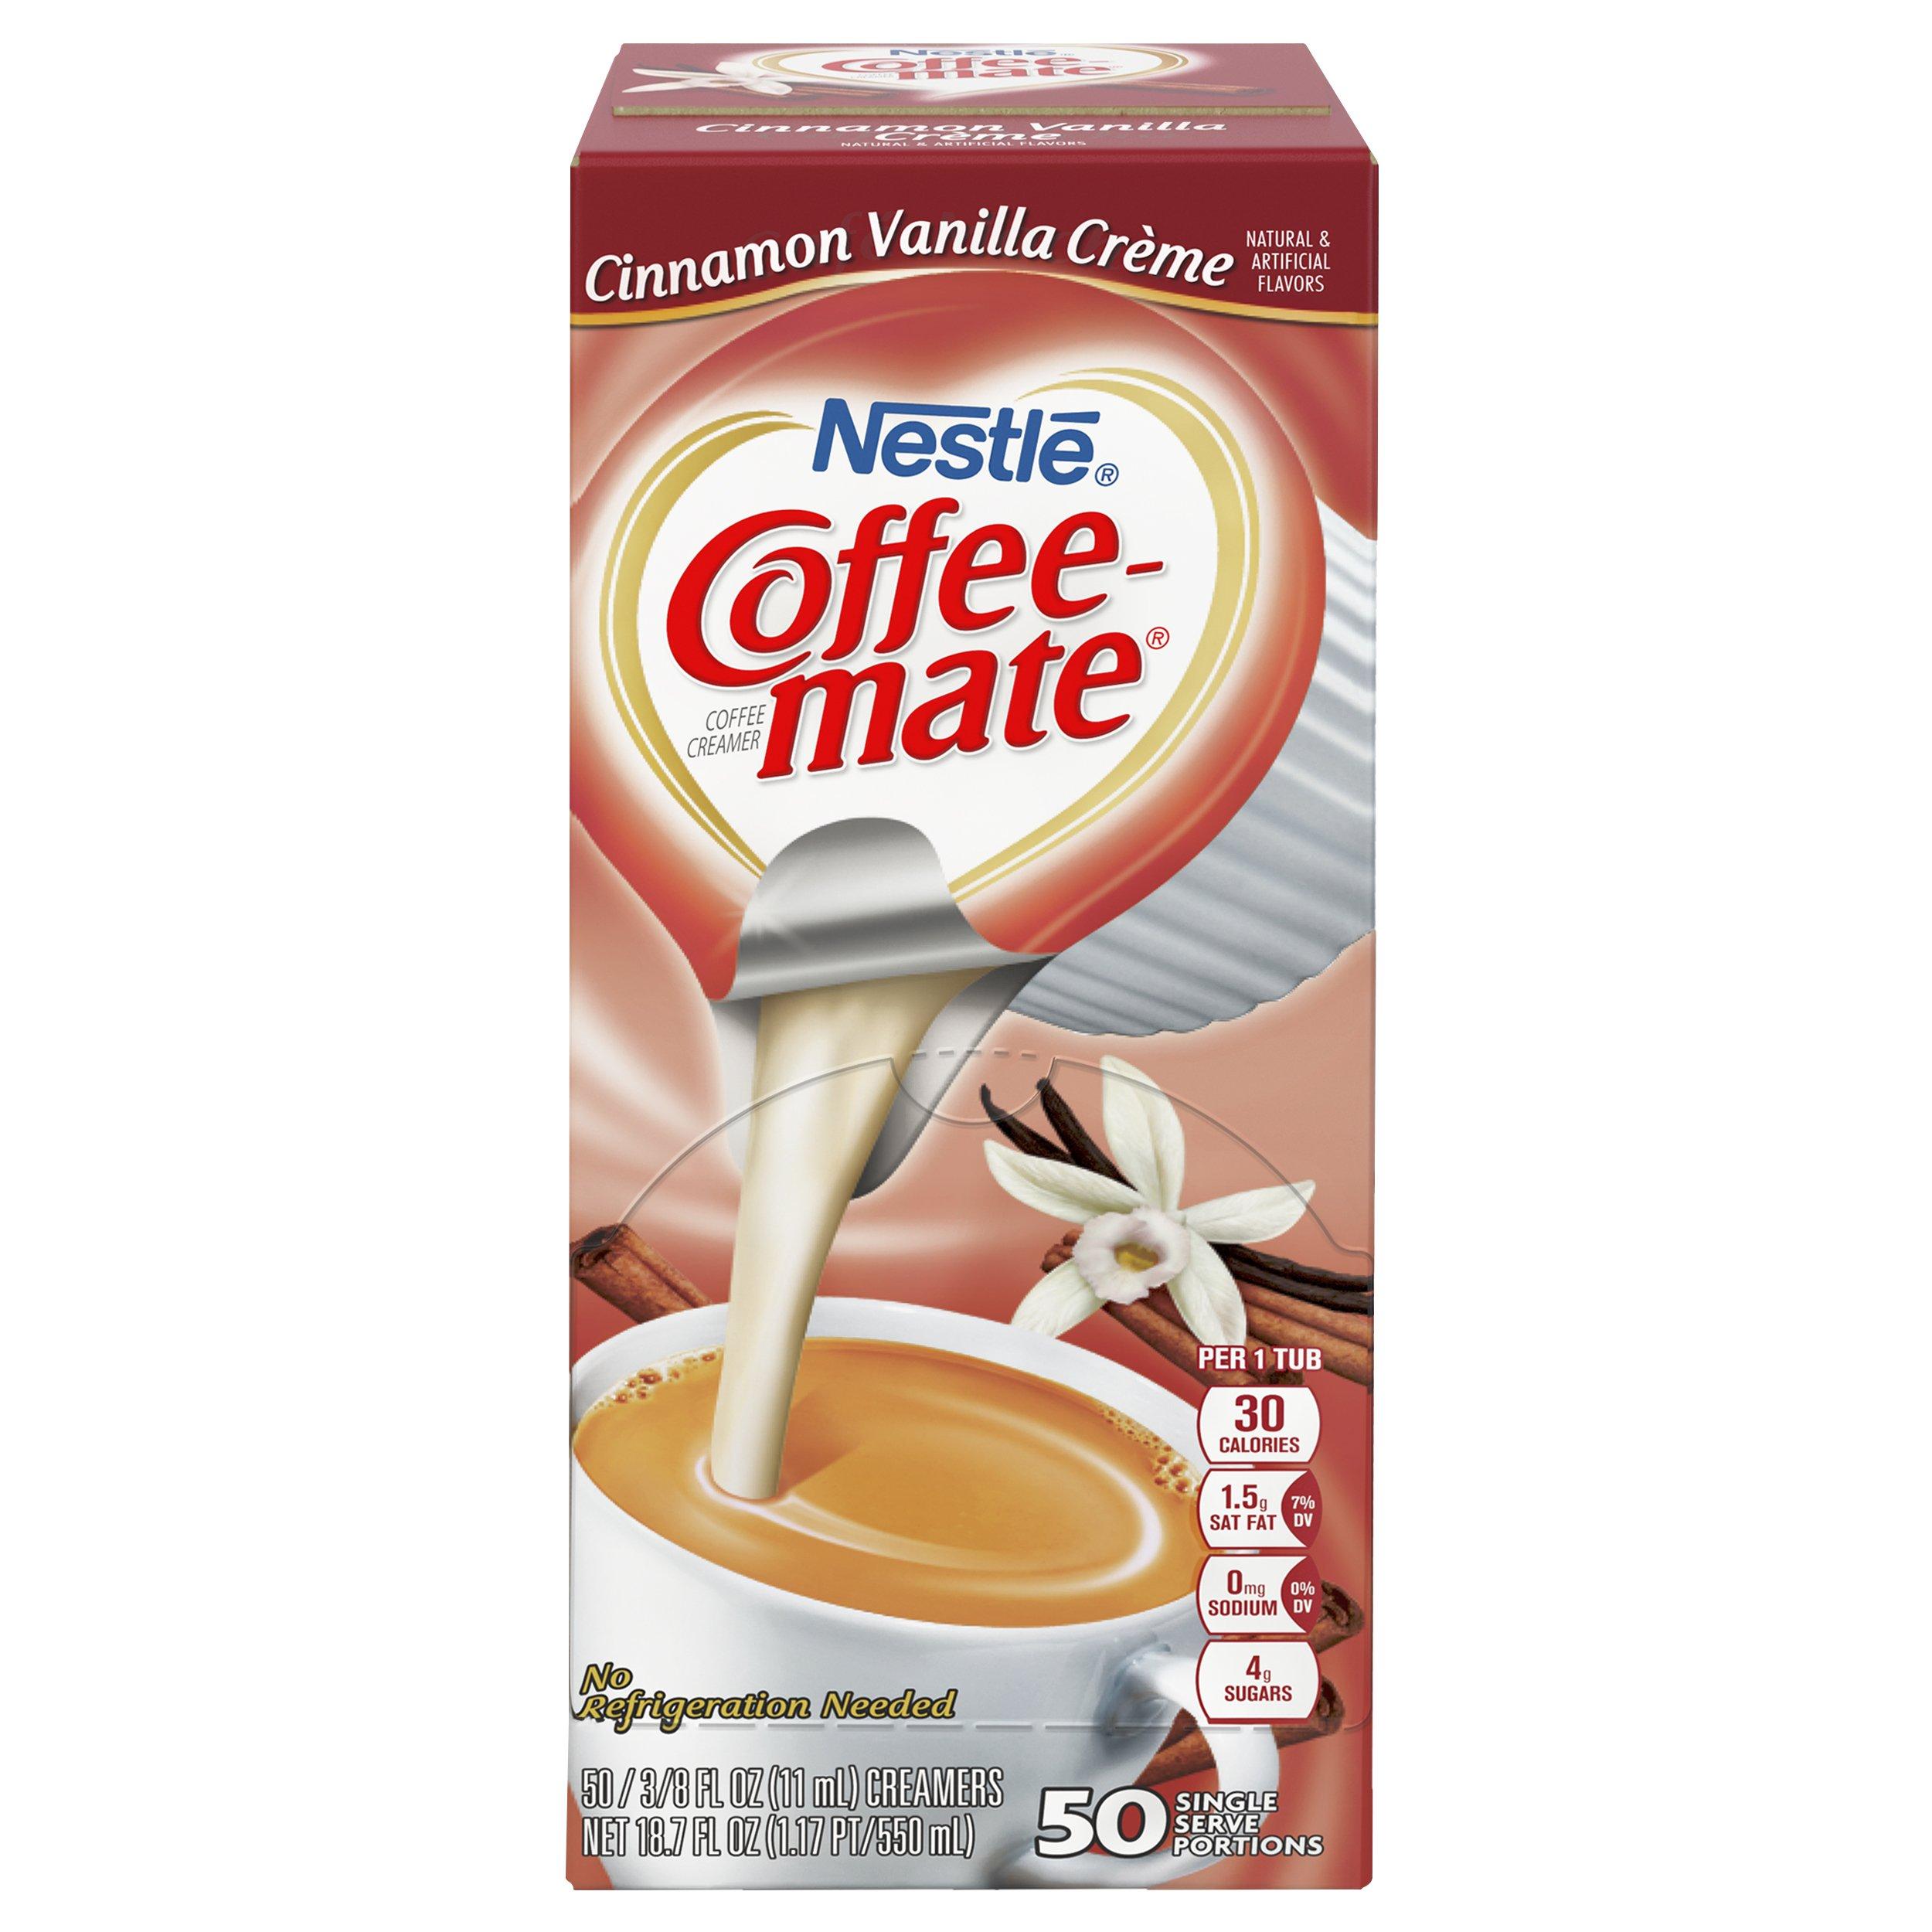 NESTLE COFFEE-MATE Coffee Creamer, Cinnamon Vanilla Creme, 0.375oz liquid creamer singles, 50 Per Box (Case of 4 Boxes) by Nestle Coffee Mate (Image #2)